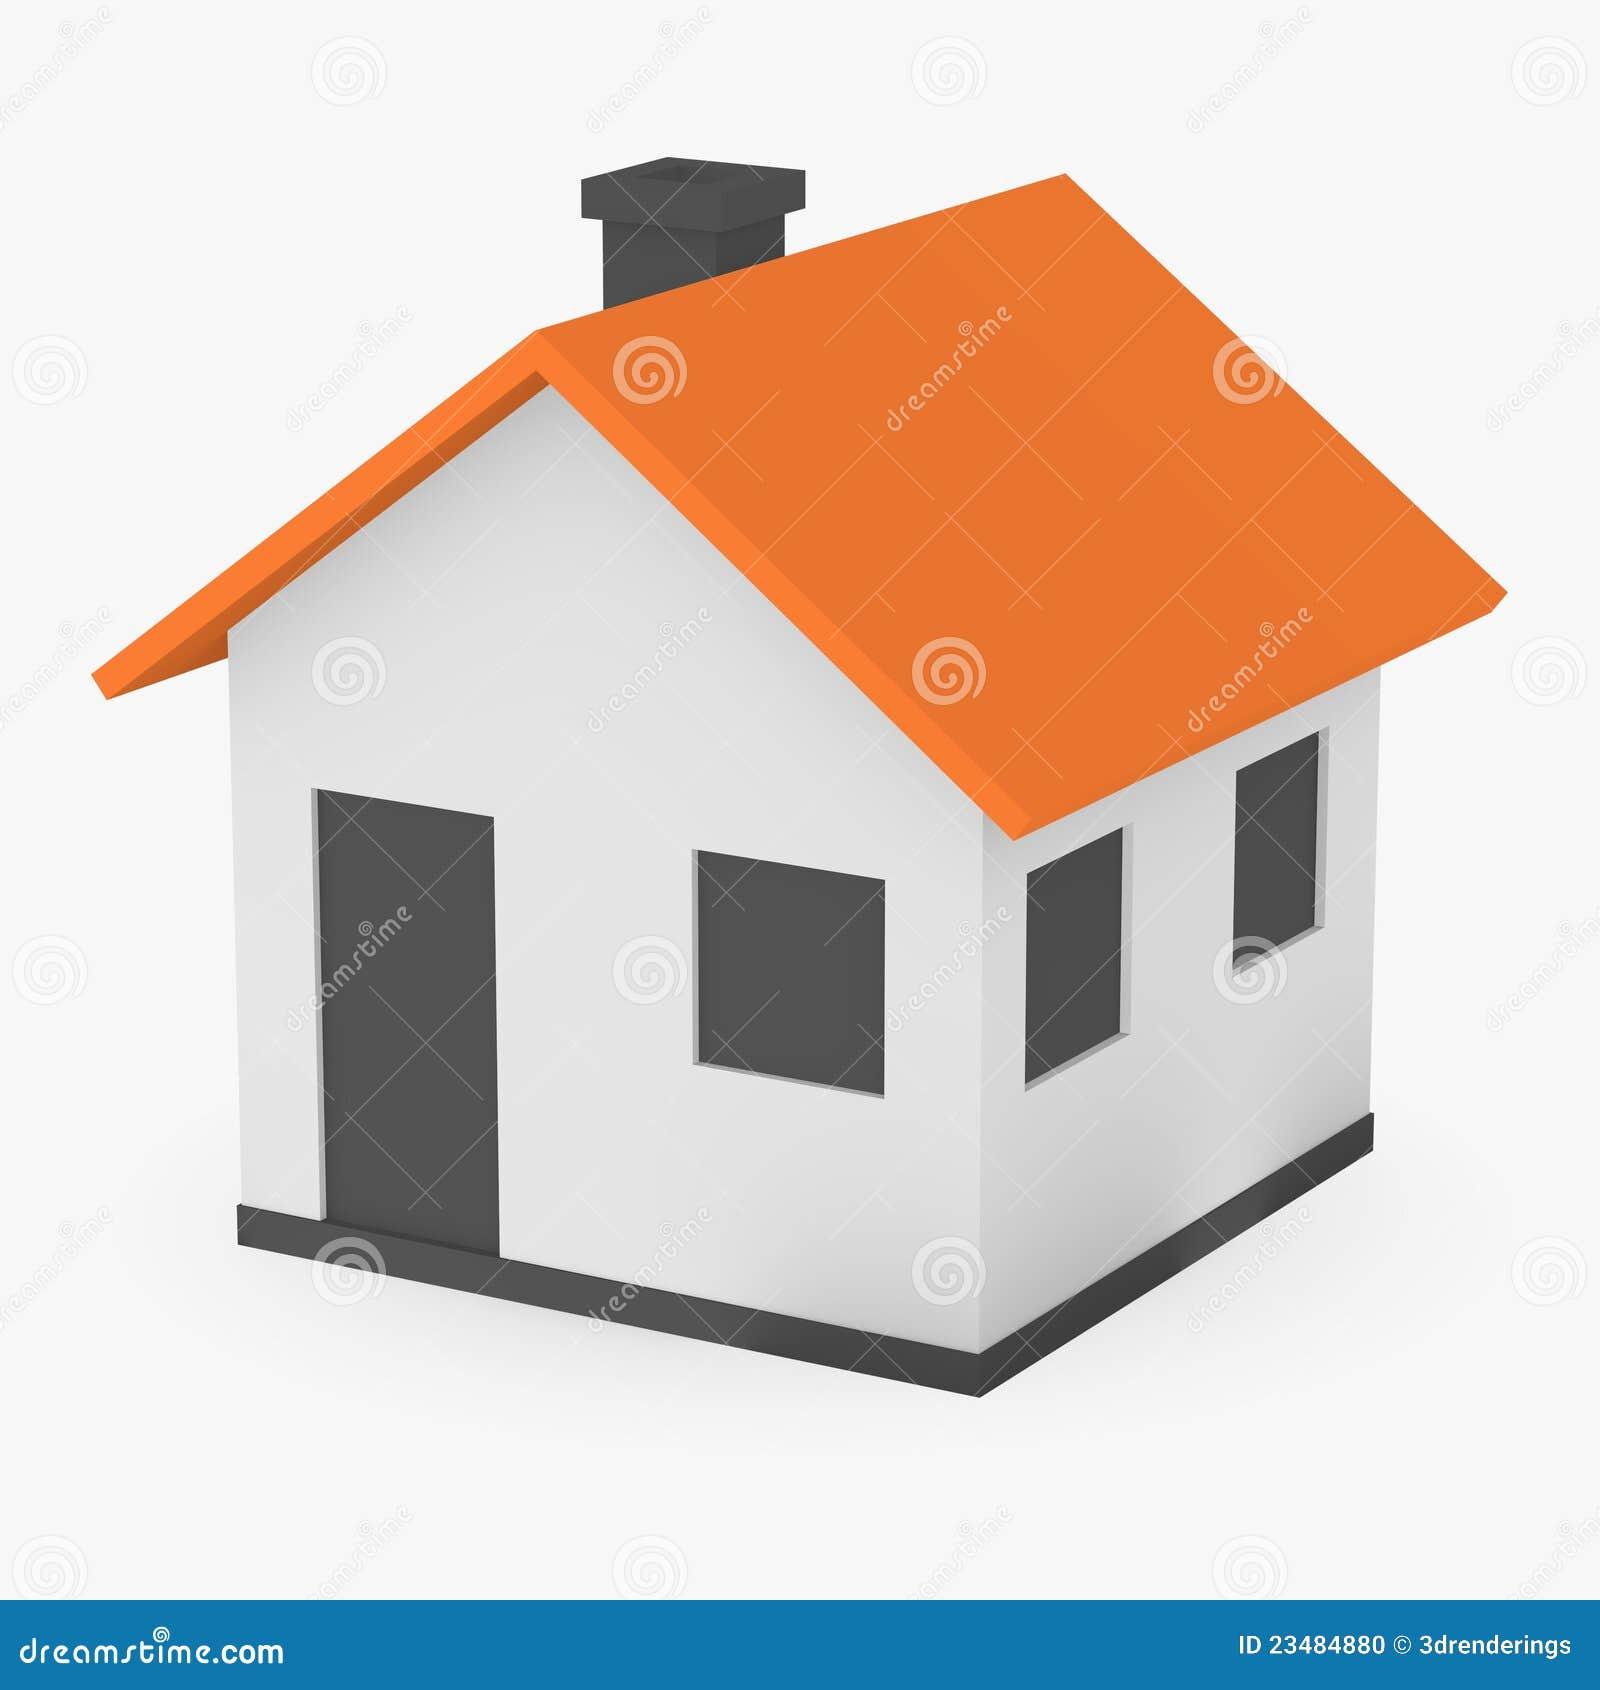 Dessiner une maison en 3d for Dessin 3d maison